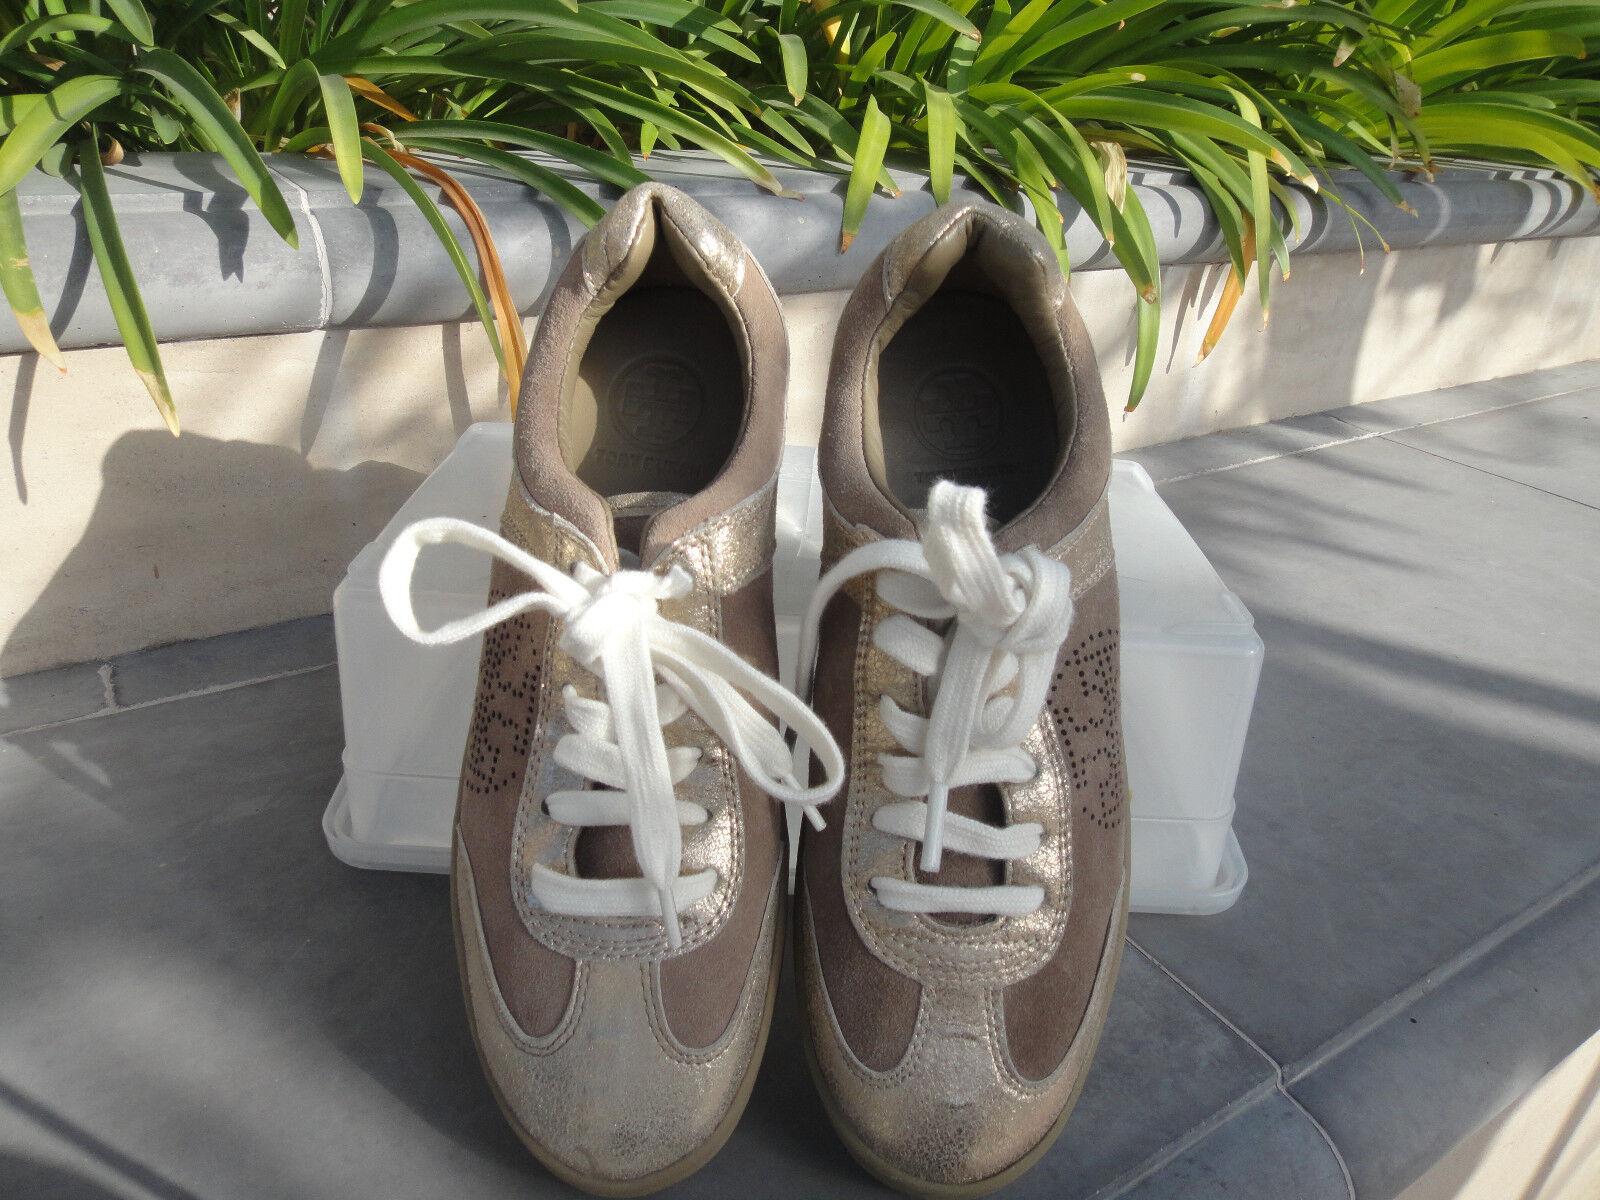 Tory Burch Zapatos Tenis Metálico oro Mitch Cuero Beige Bronceado, WMNS TALLA US7M